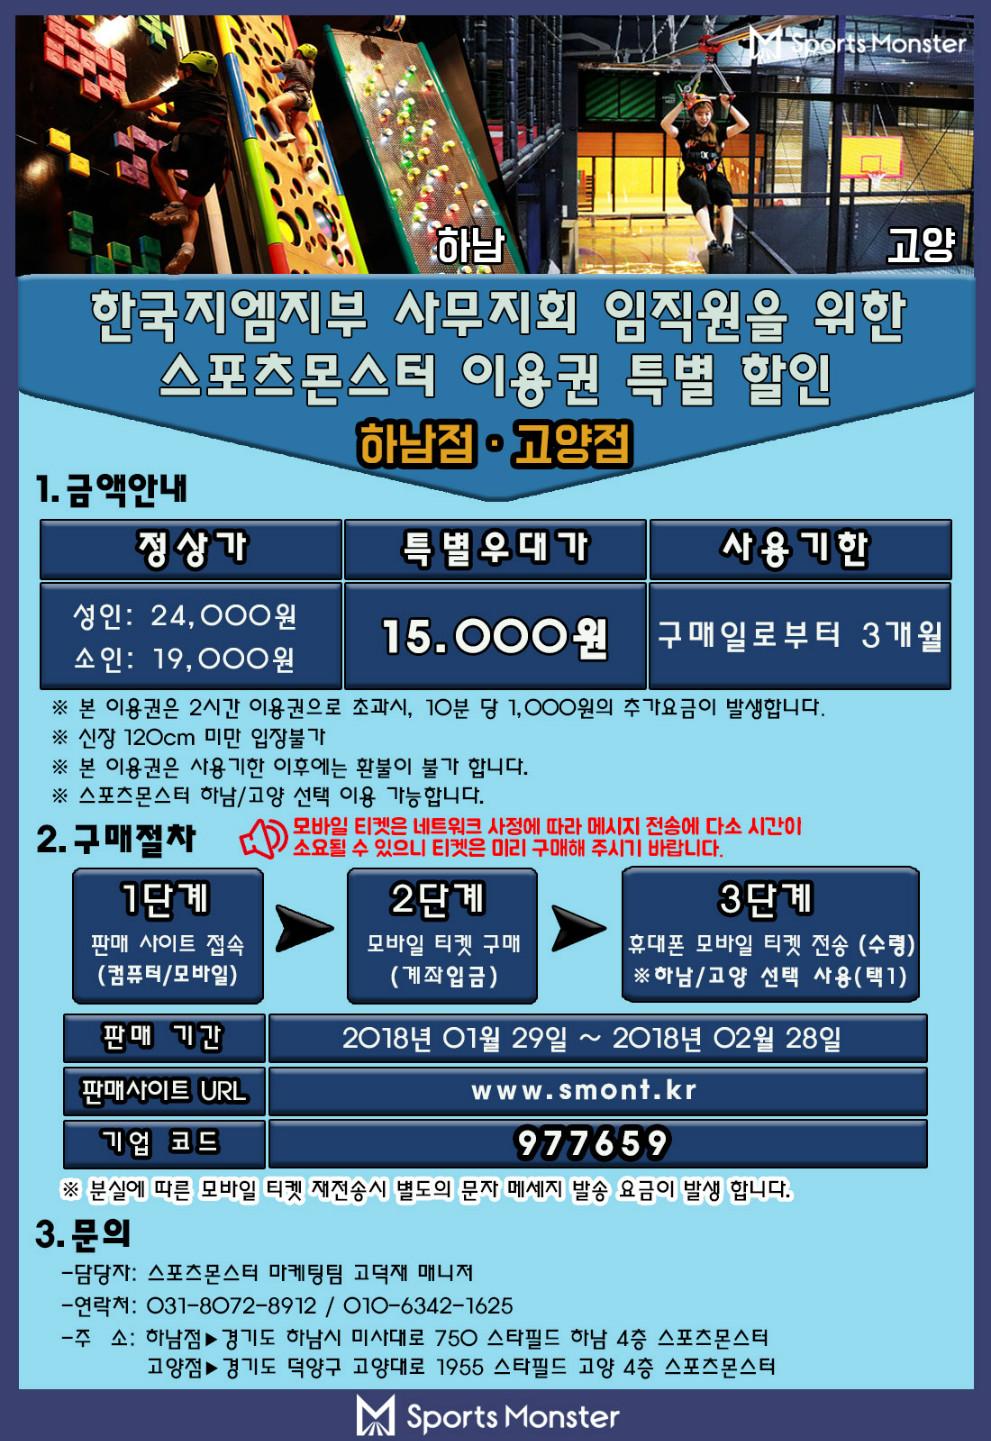 한국지엠지부 사무지회 특별할인 안내문.jpg